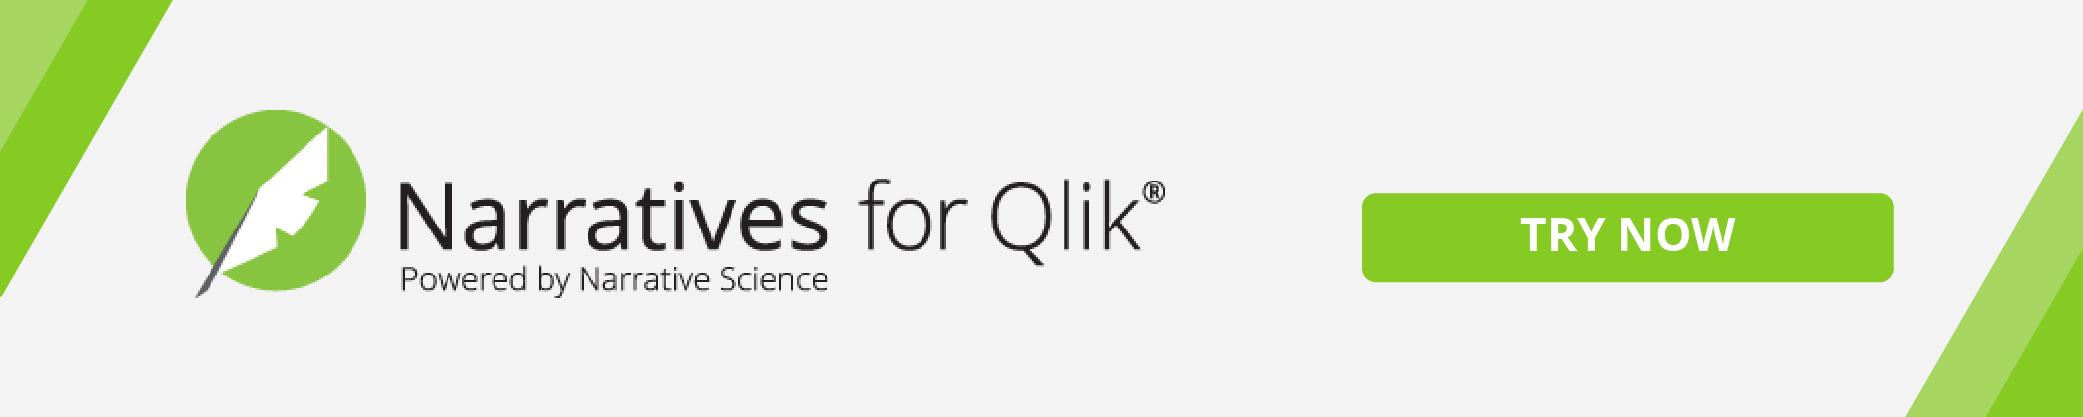 Narratives for Qlik